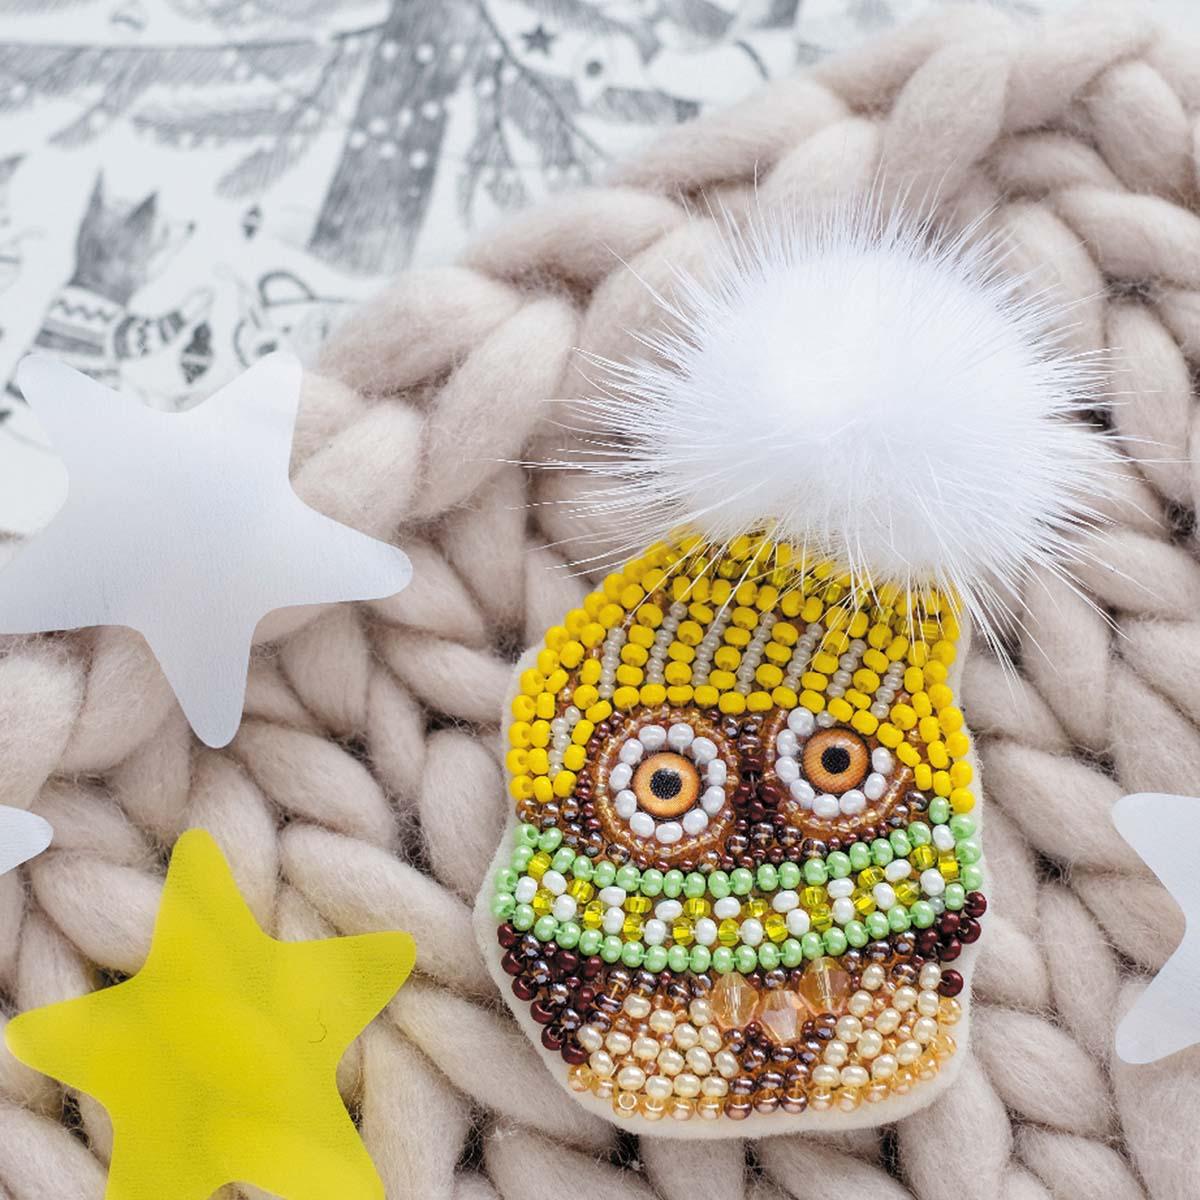 АД-061 Набор для вышивки бисером украшения на натур. художественном холсте 'Совенок Кузя' 4,4*5,7см